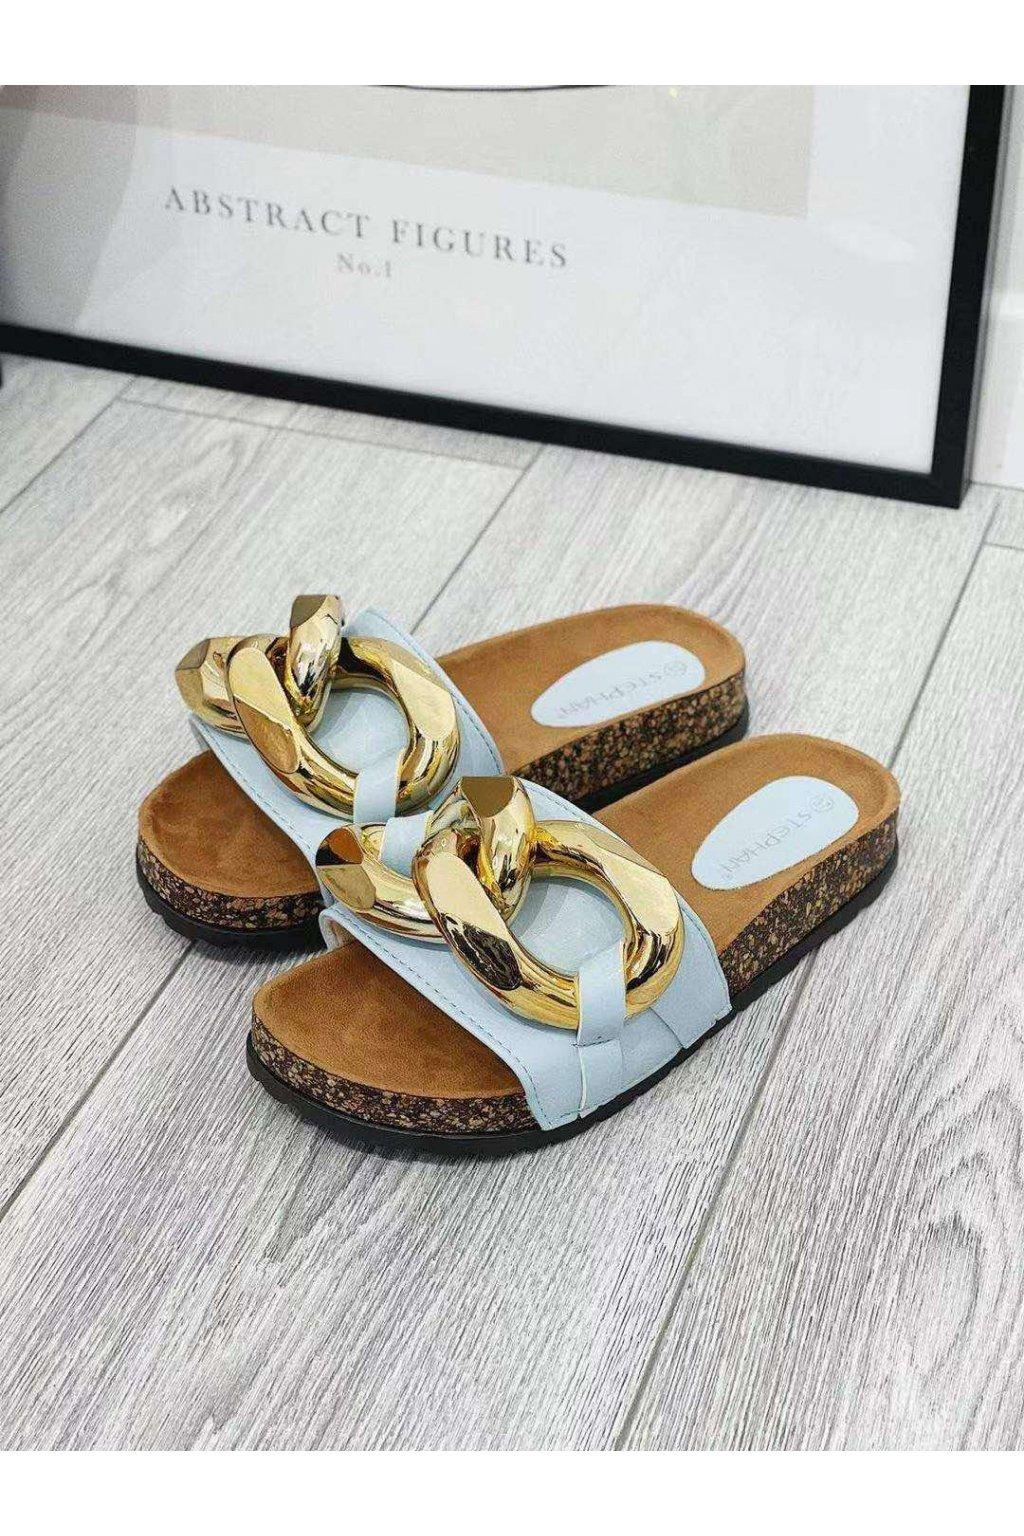 světle modré pantofle s přeskou trendy letní obuv